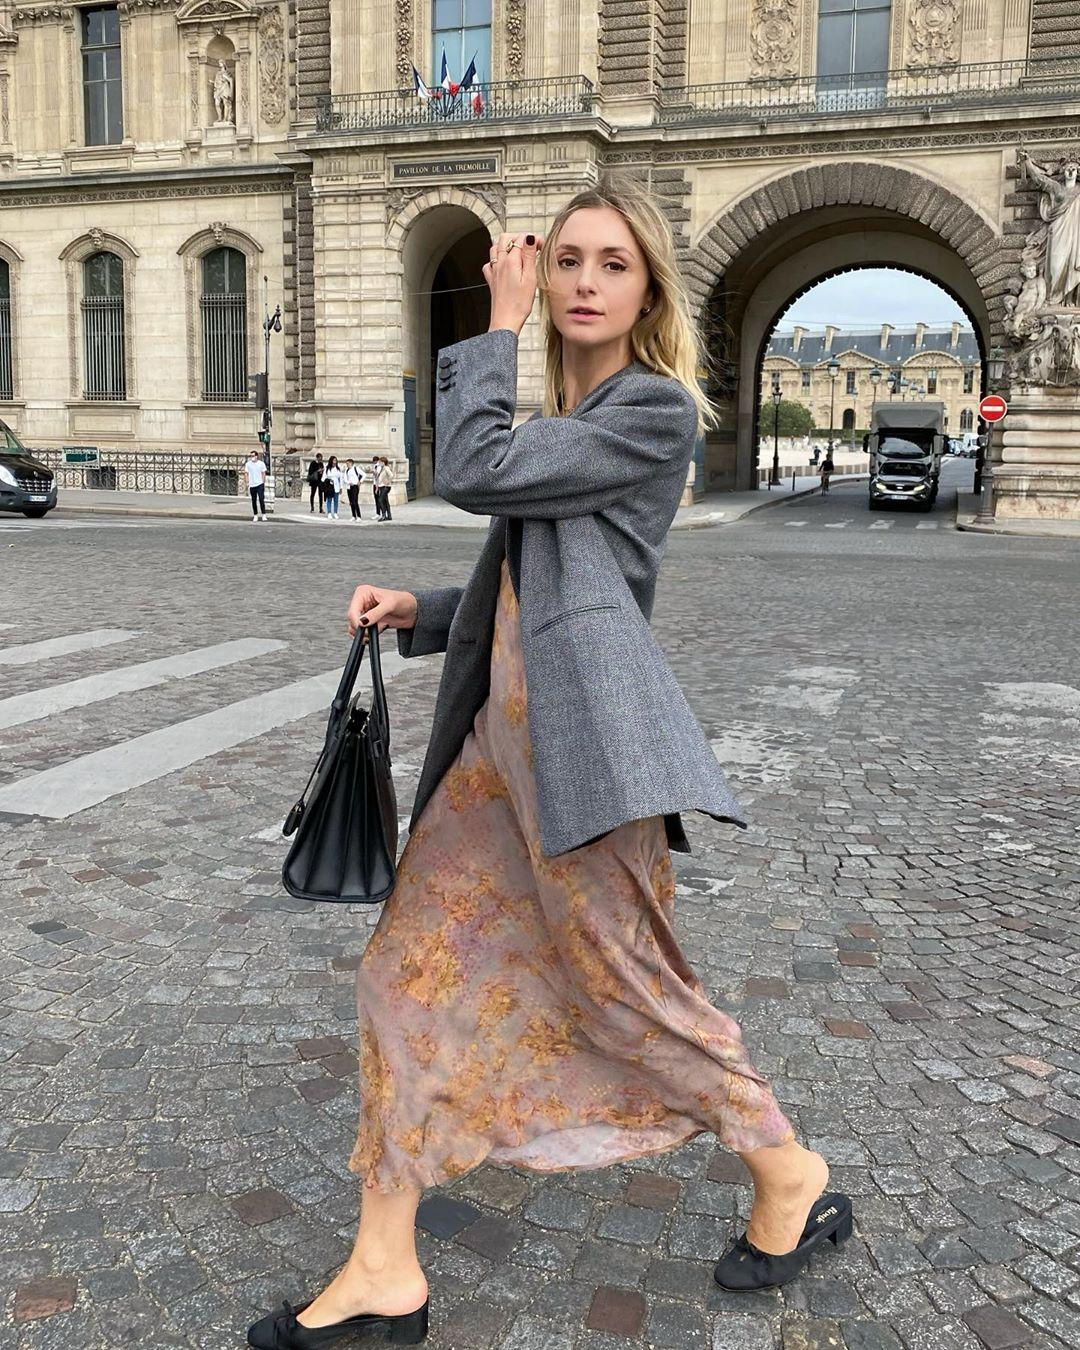 Trời se lạnh mà 'quẩy' váy dáng dài là style sẽ yêu kiều như gái Pháp, điểm sang chảnh cũng tăng ngùn ngụt 5